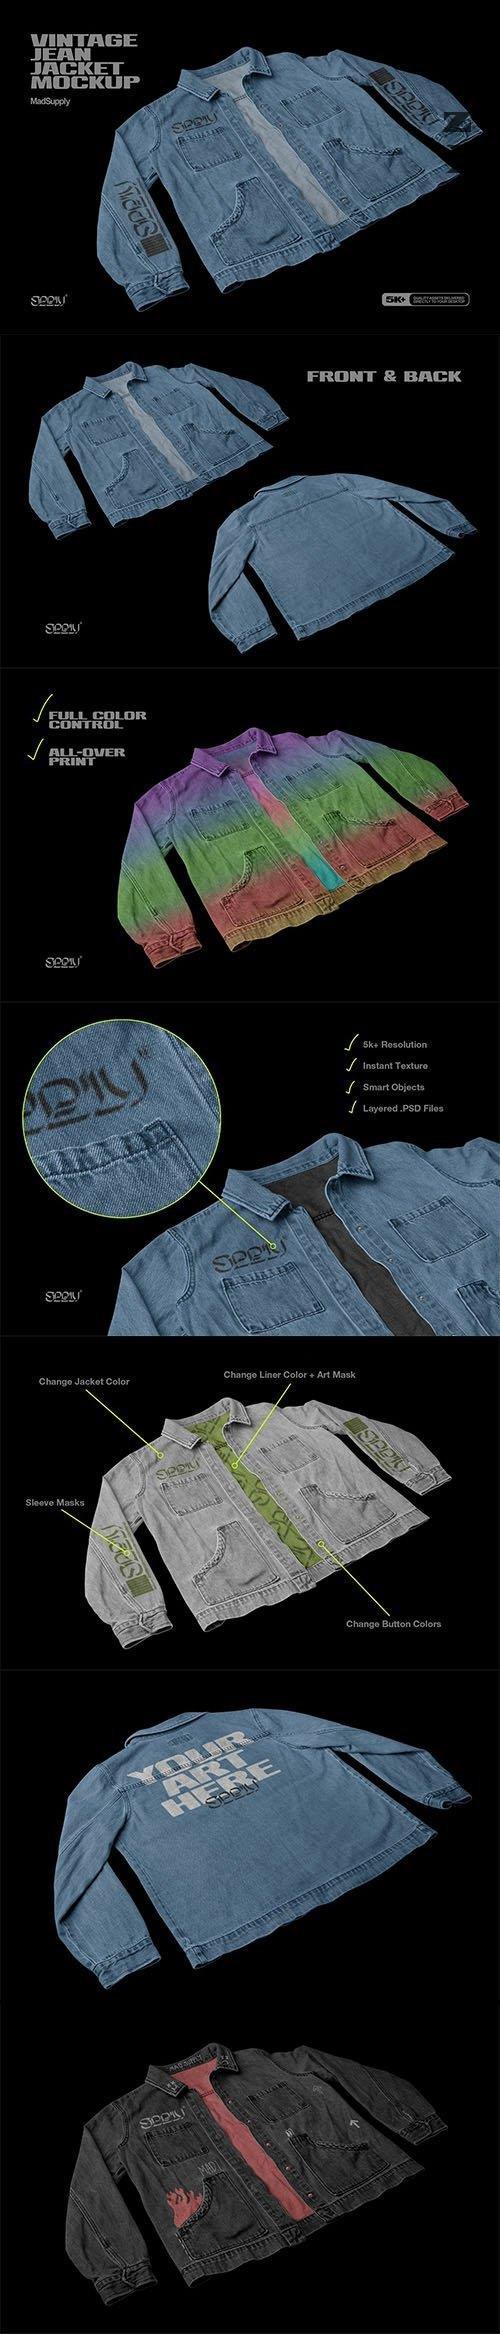 Vintage Jean Jacket Mockup 3Q View - 5945333